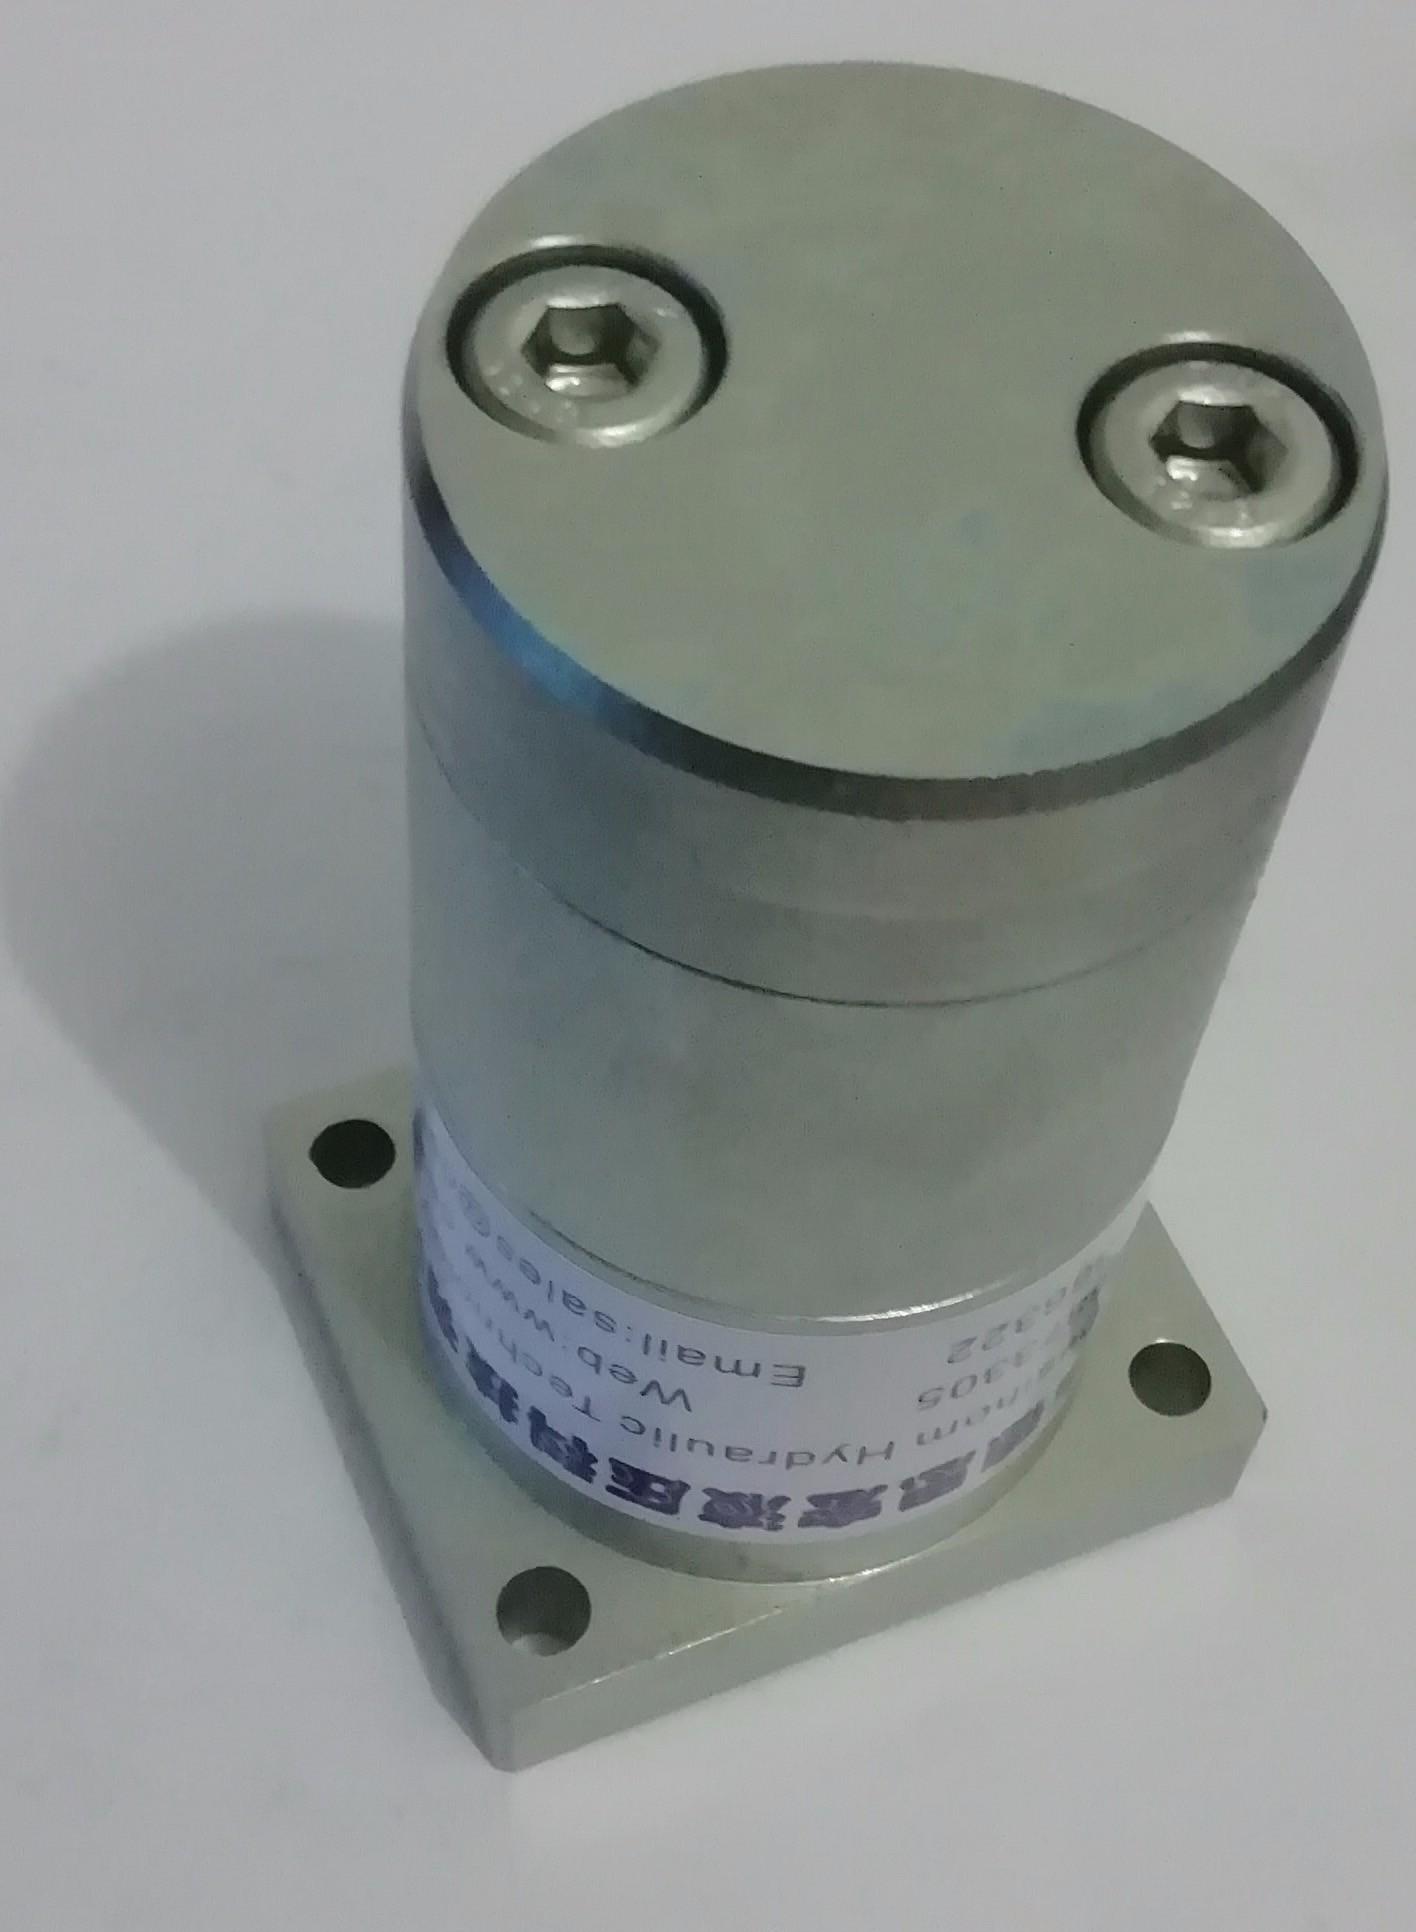 法兰式液压增压器发面图